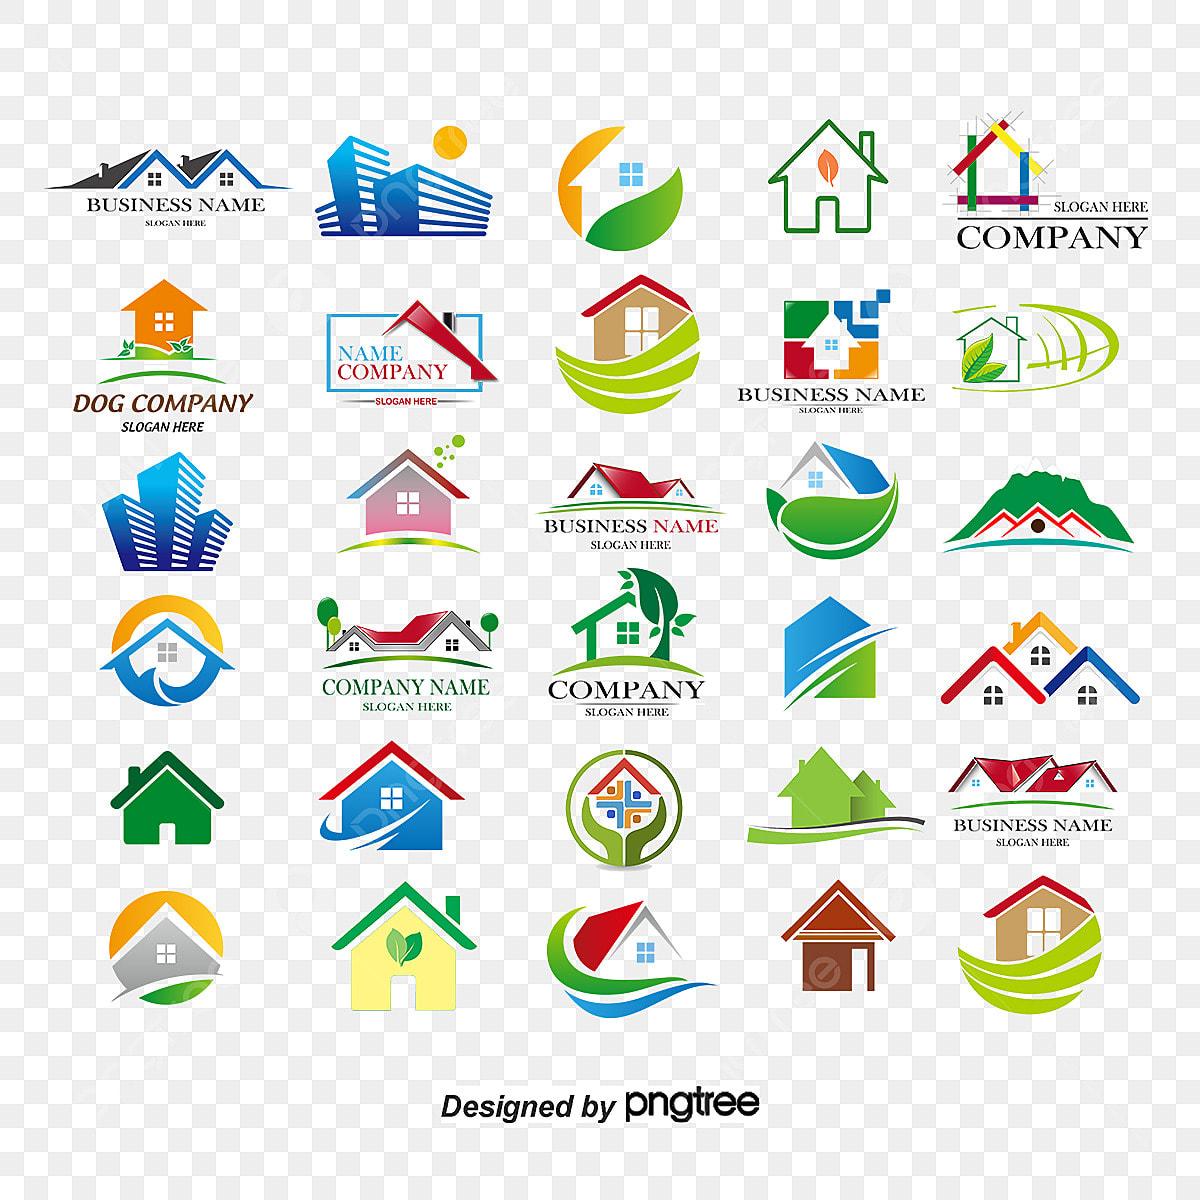 تصميم شعار تصميم شعار رمز العلم الشعار الإبداعي Png والمتجهات